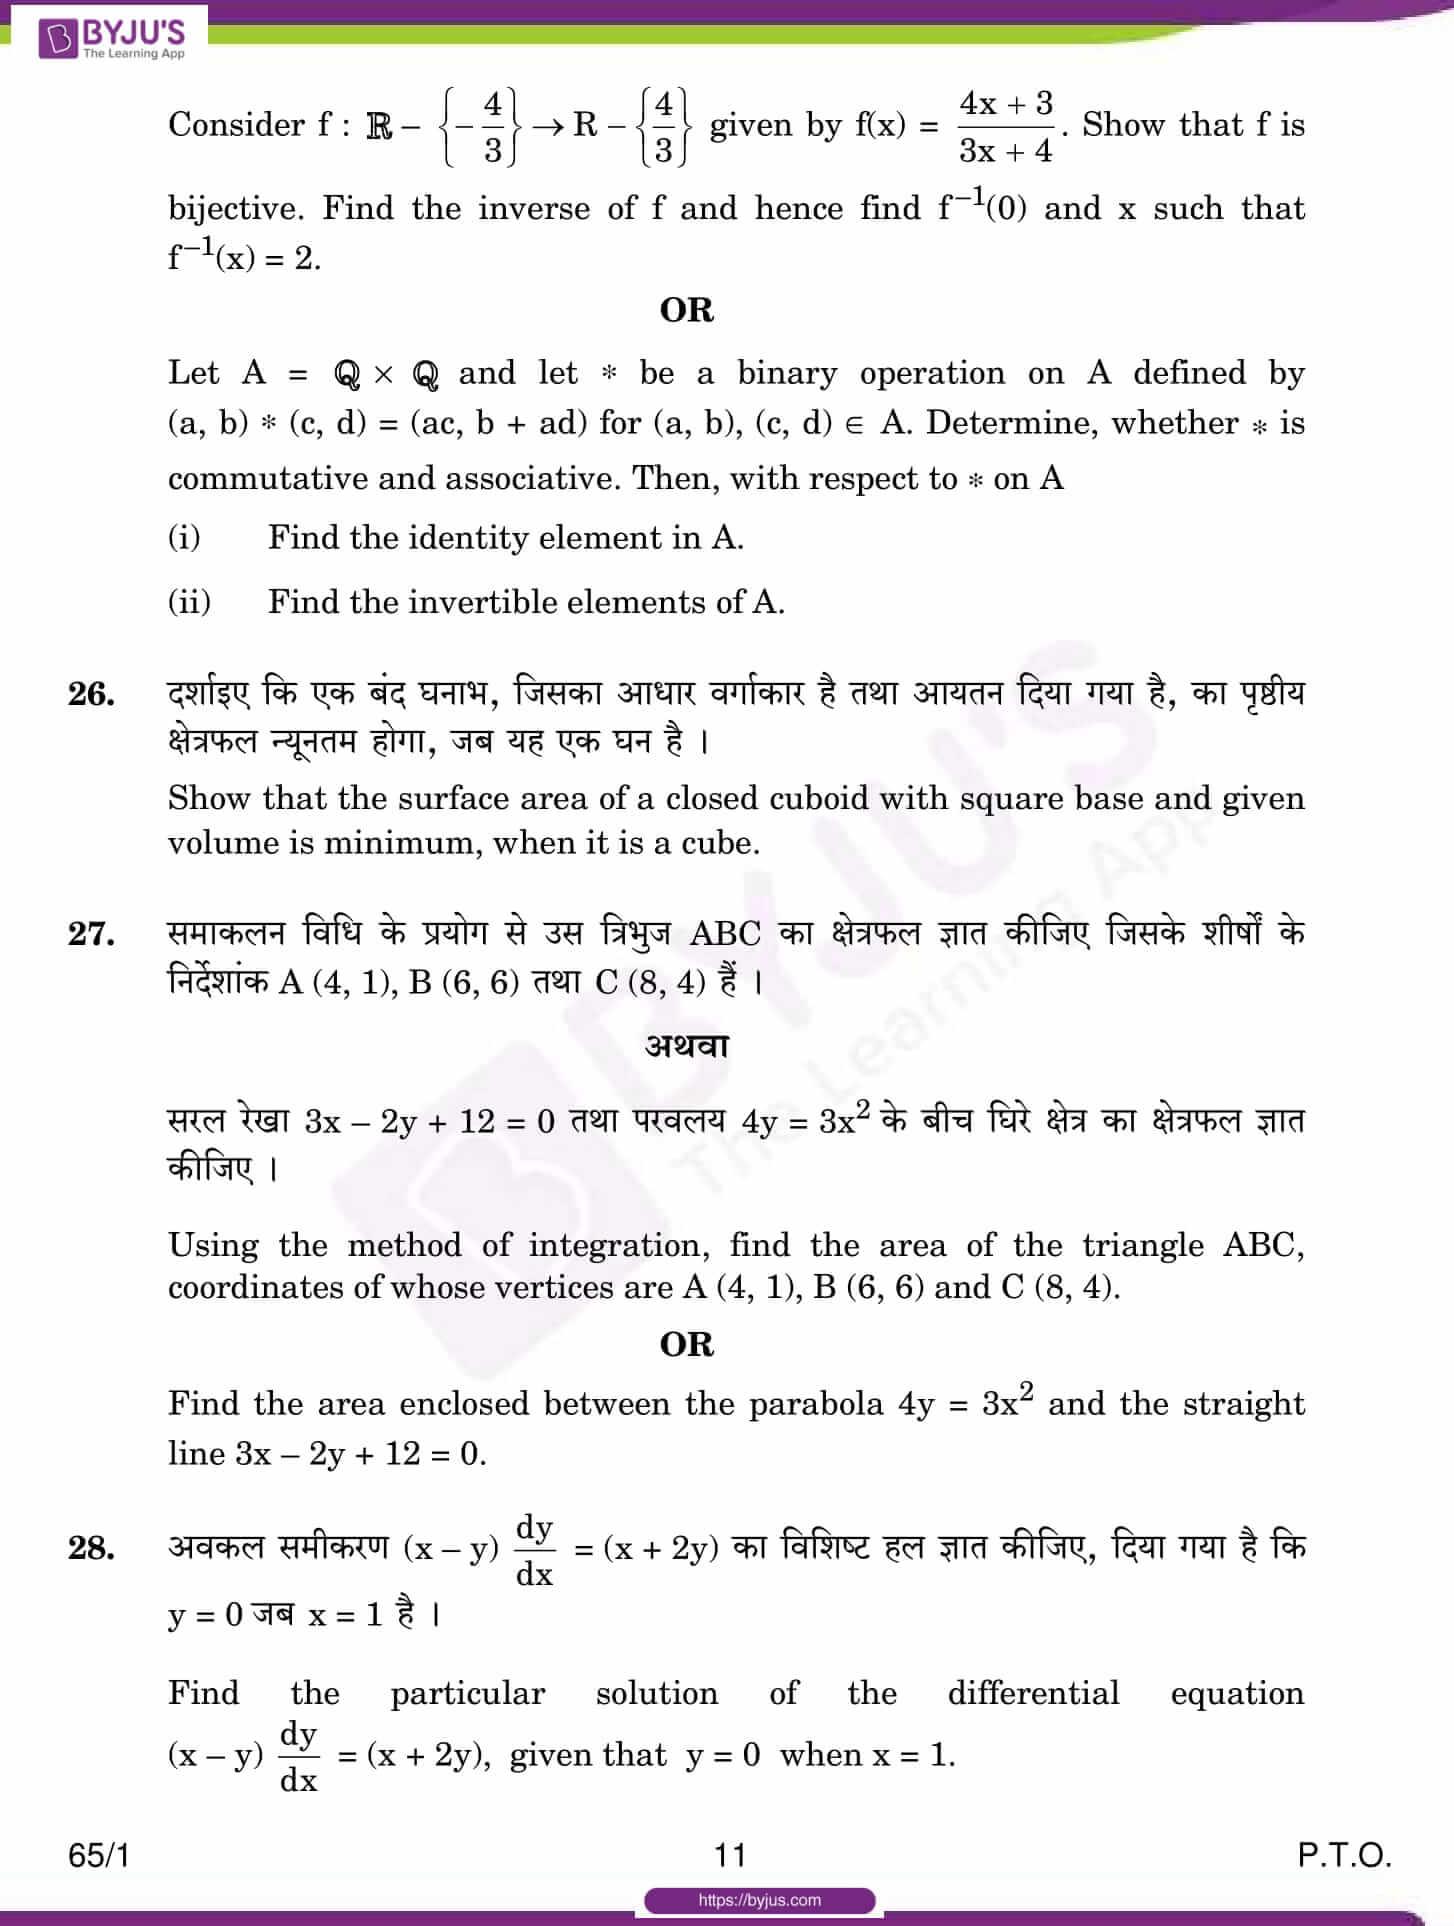 cbse class 12 maths 2017 question paper set 1